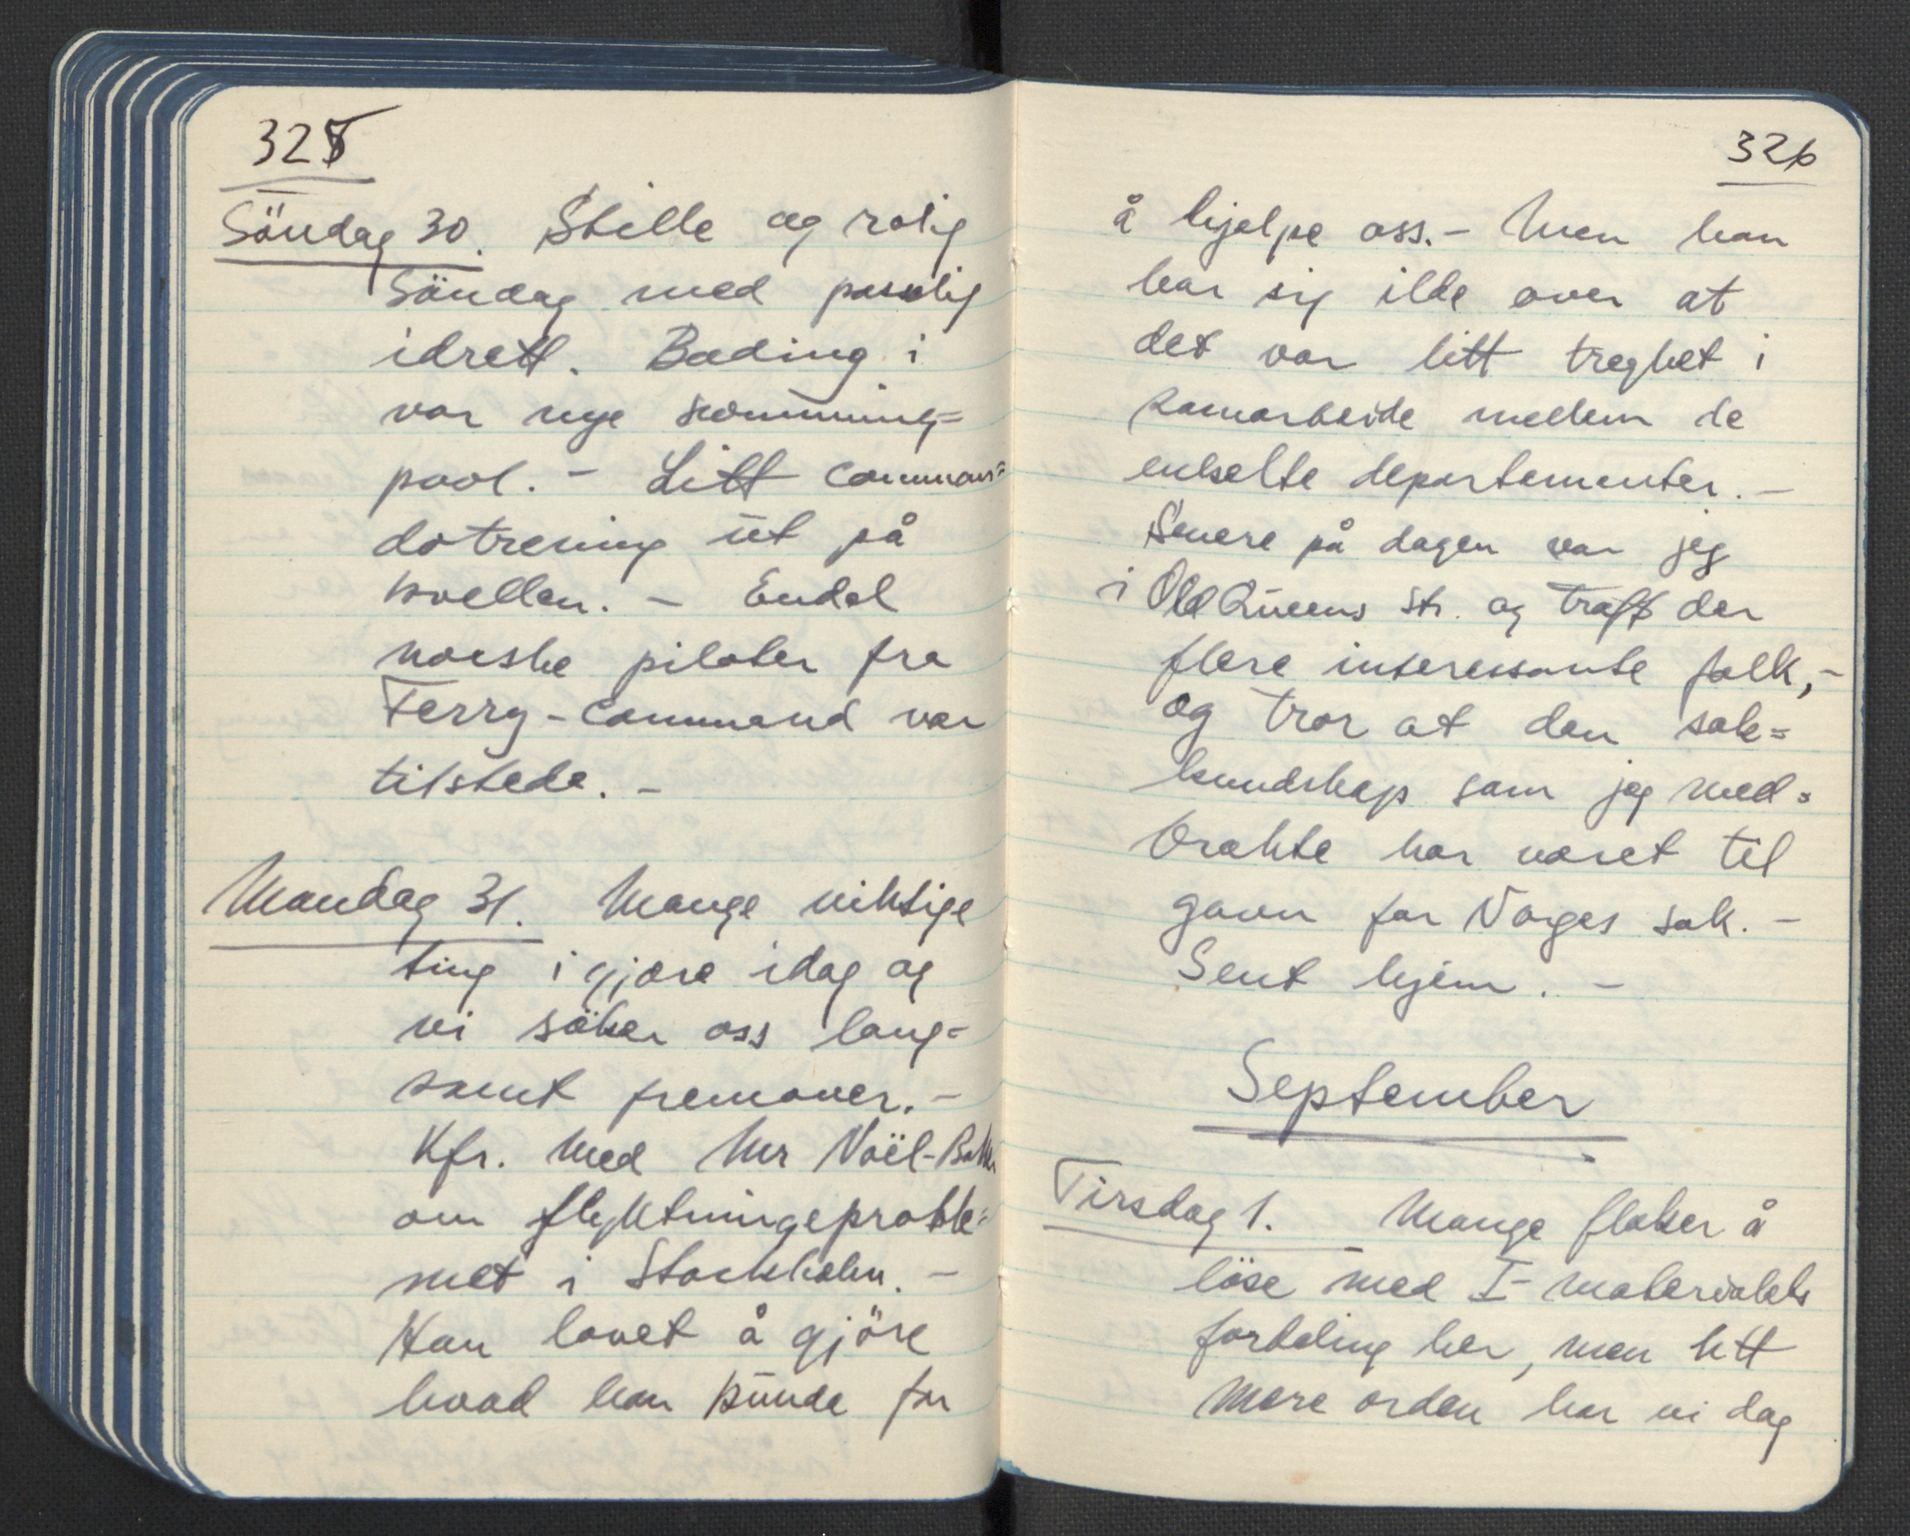 RA, Tronstad, Leif, F/L0001: Dagbøker, 1941-1945, s. 247